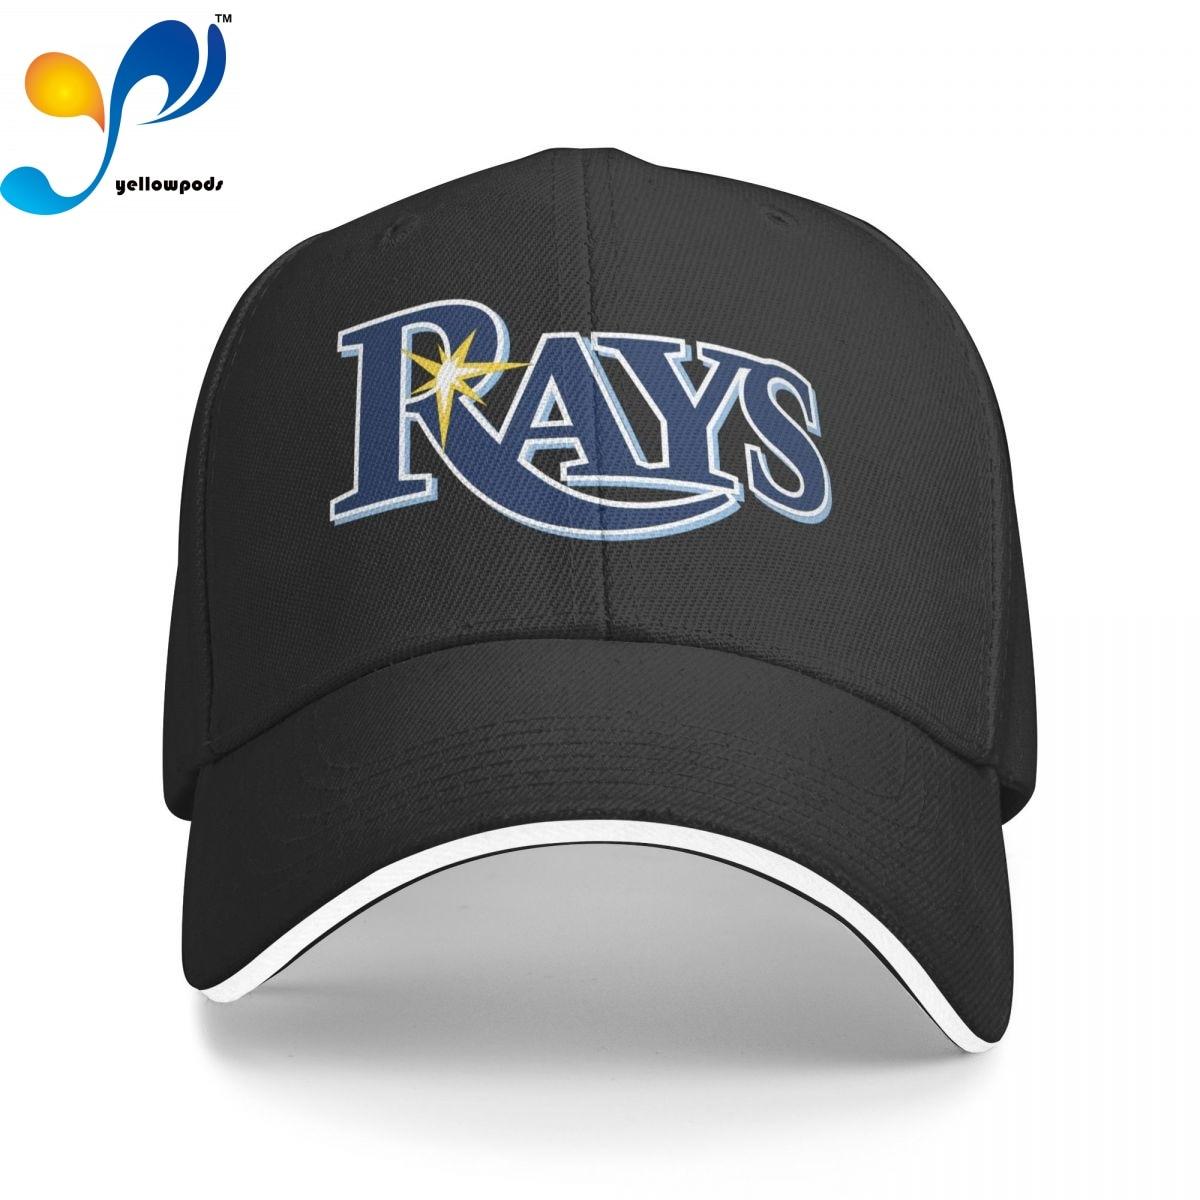 Лучшая Кепка-тракер, бейсболка для мужчин, бейсболка с клапаном, мужские шапки, кепки с логотипом